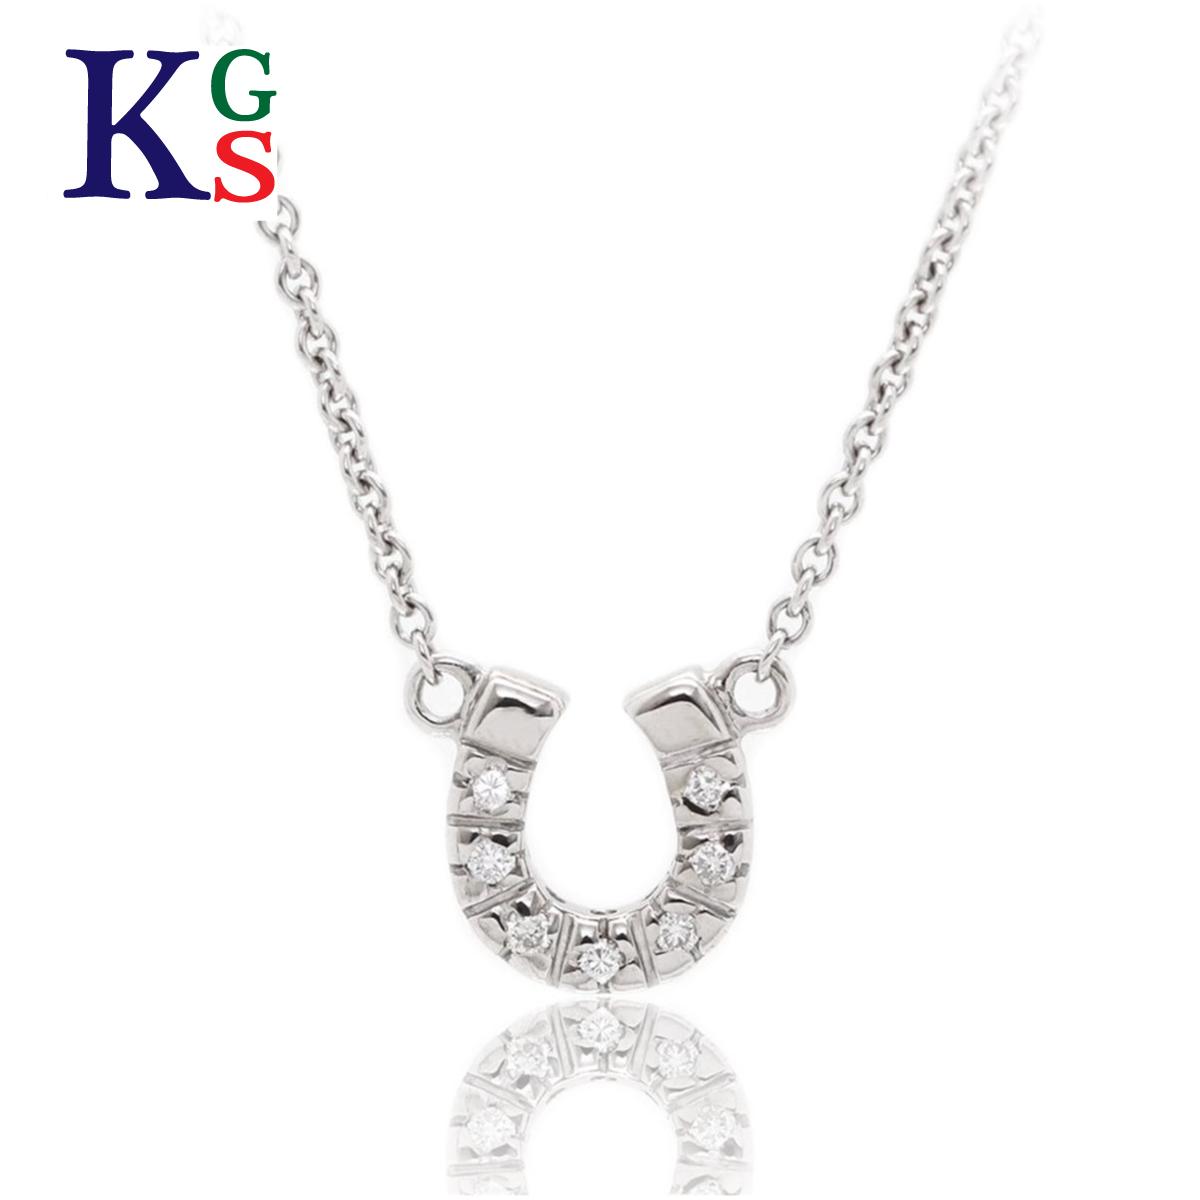 【ギフト品質】スタージュエリー/STAR JEWELRY レディース ジュエリー ホースシュー 馬蹄 ネックレス K18WG ホワイトゴールド 7Pダイヤ 2.6g